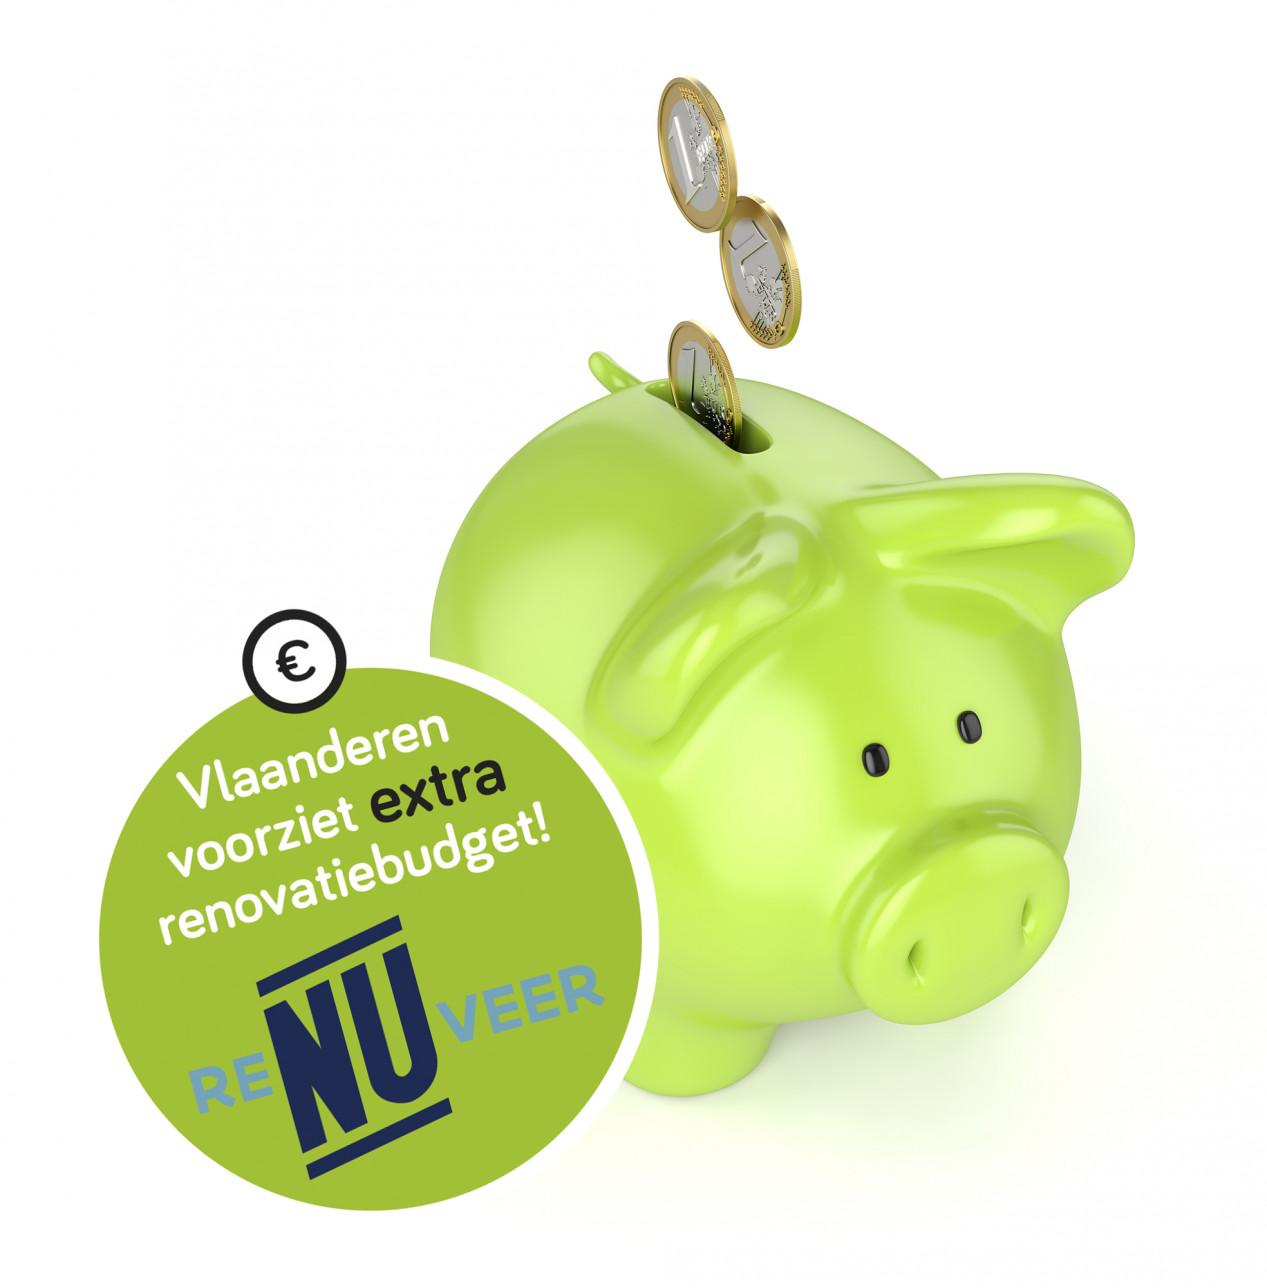 Aan de slimme verbouwers: Vlaanderen voorziet extra renovatiebudget! Renuveren2_rgb_300dpi